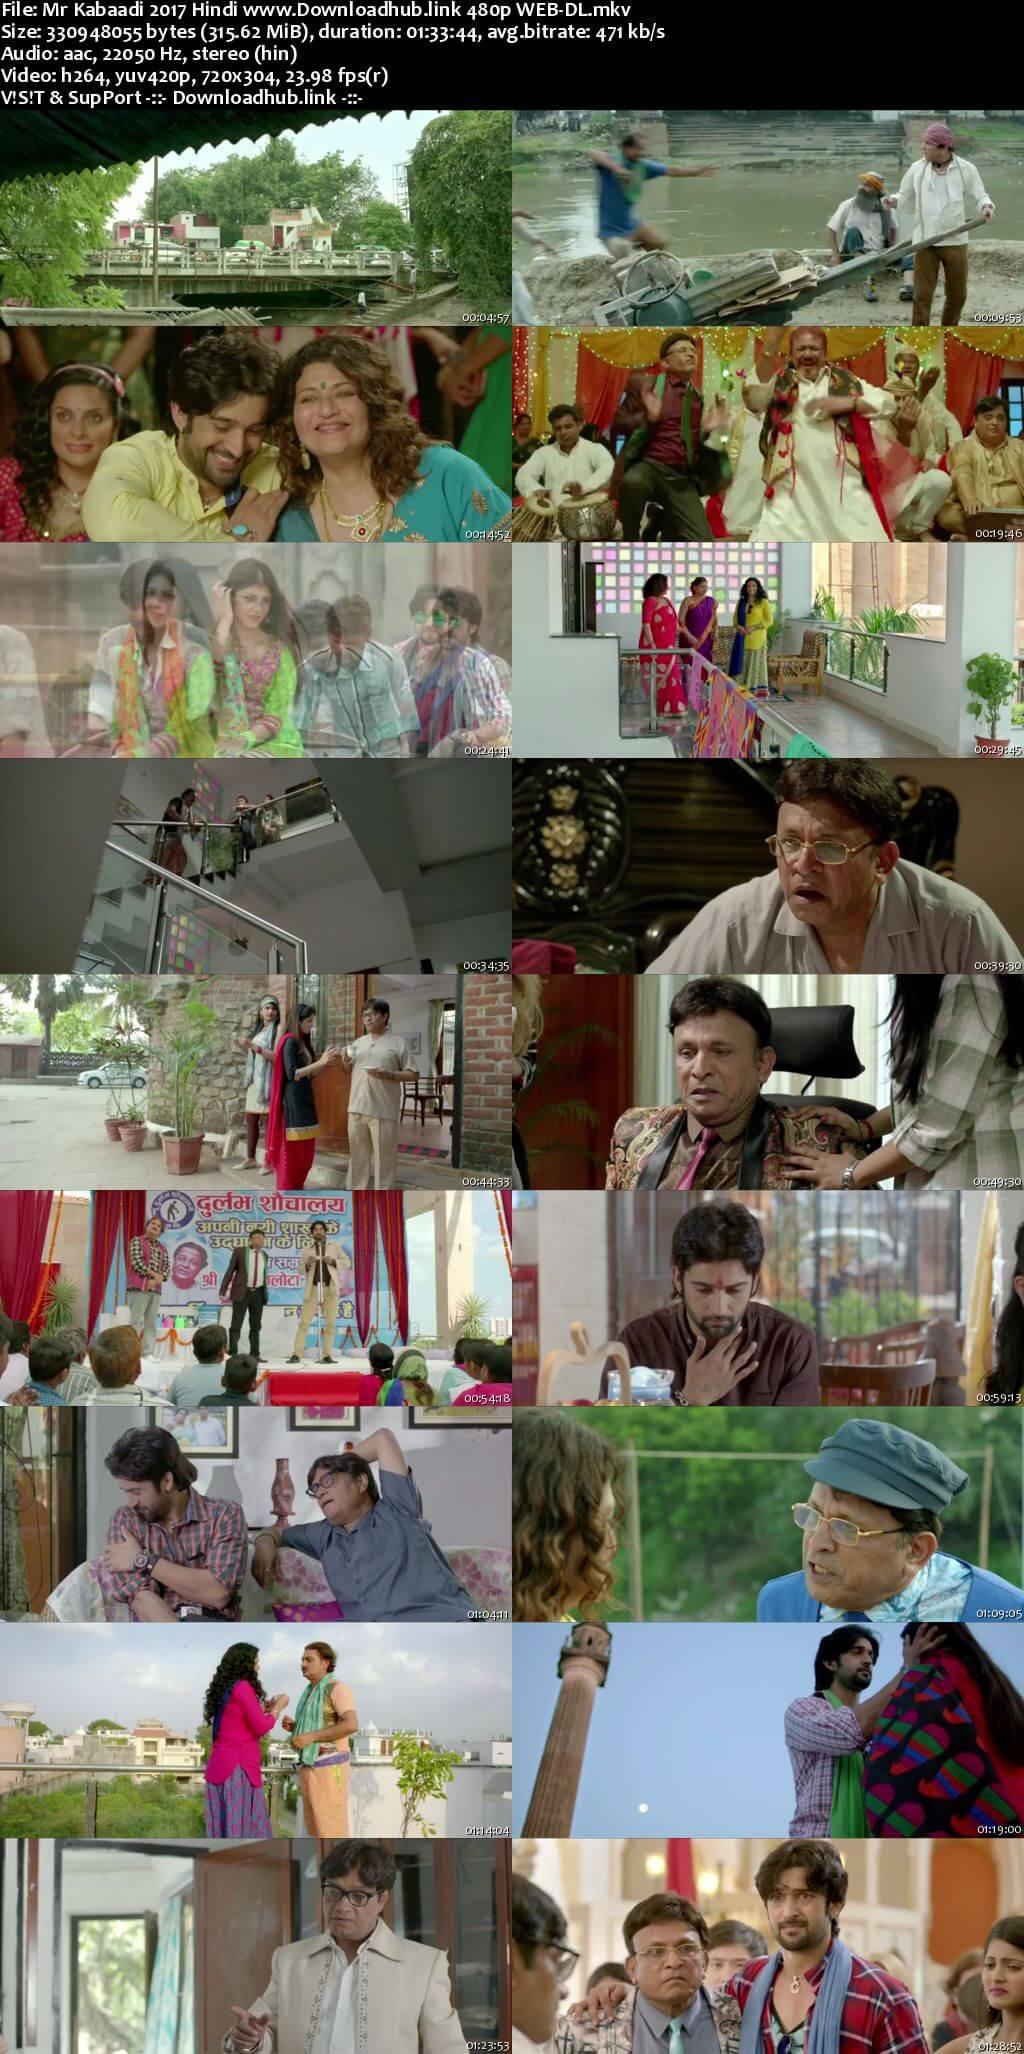 Mr Kabaadi 2017 Hindi 300MB HDRip 480p